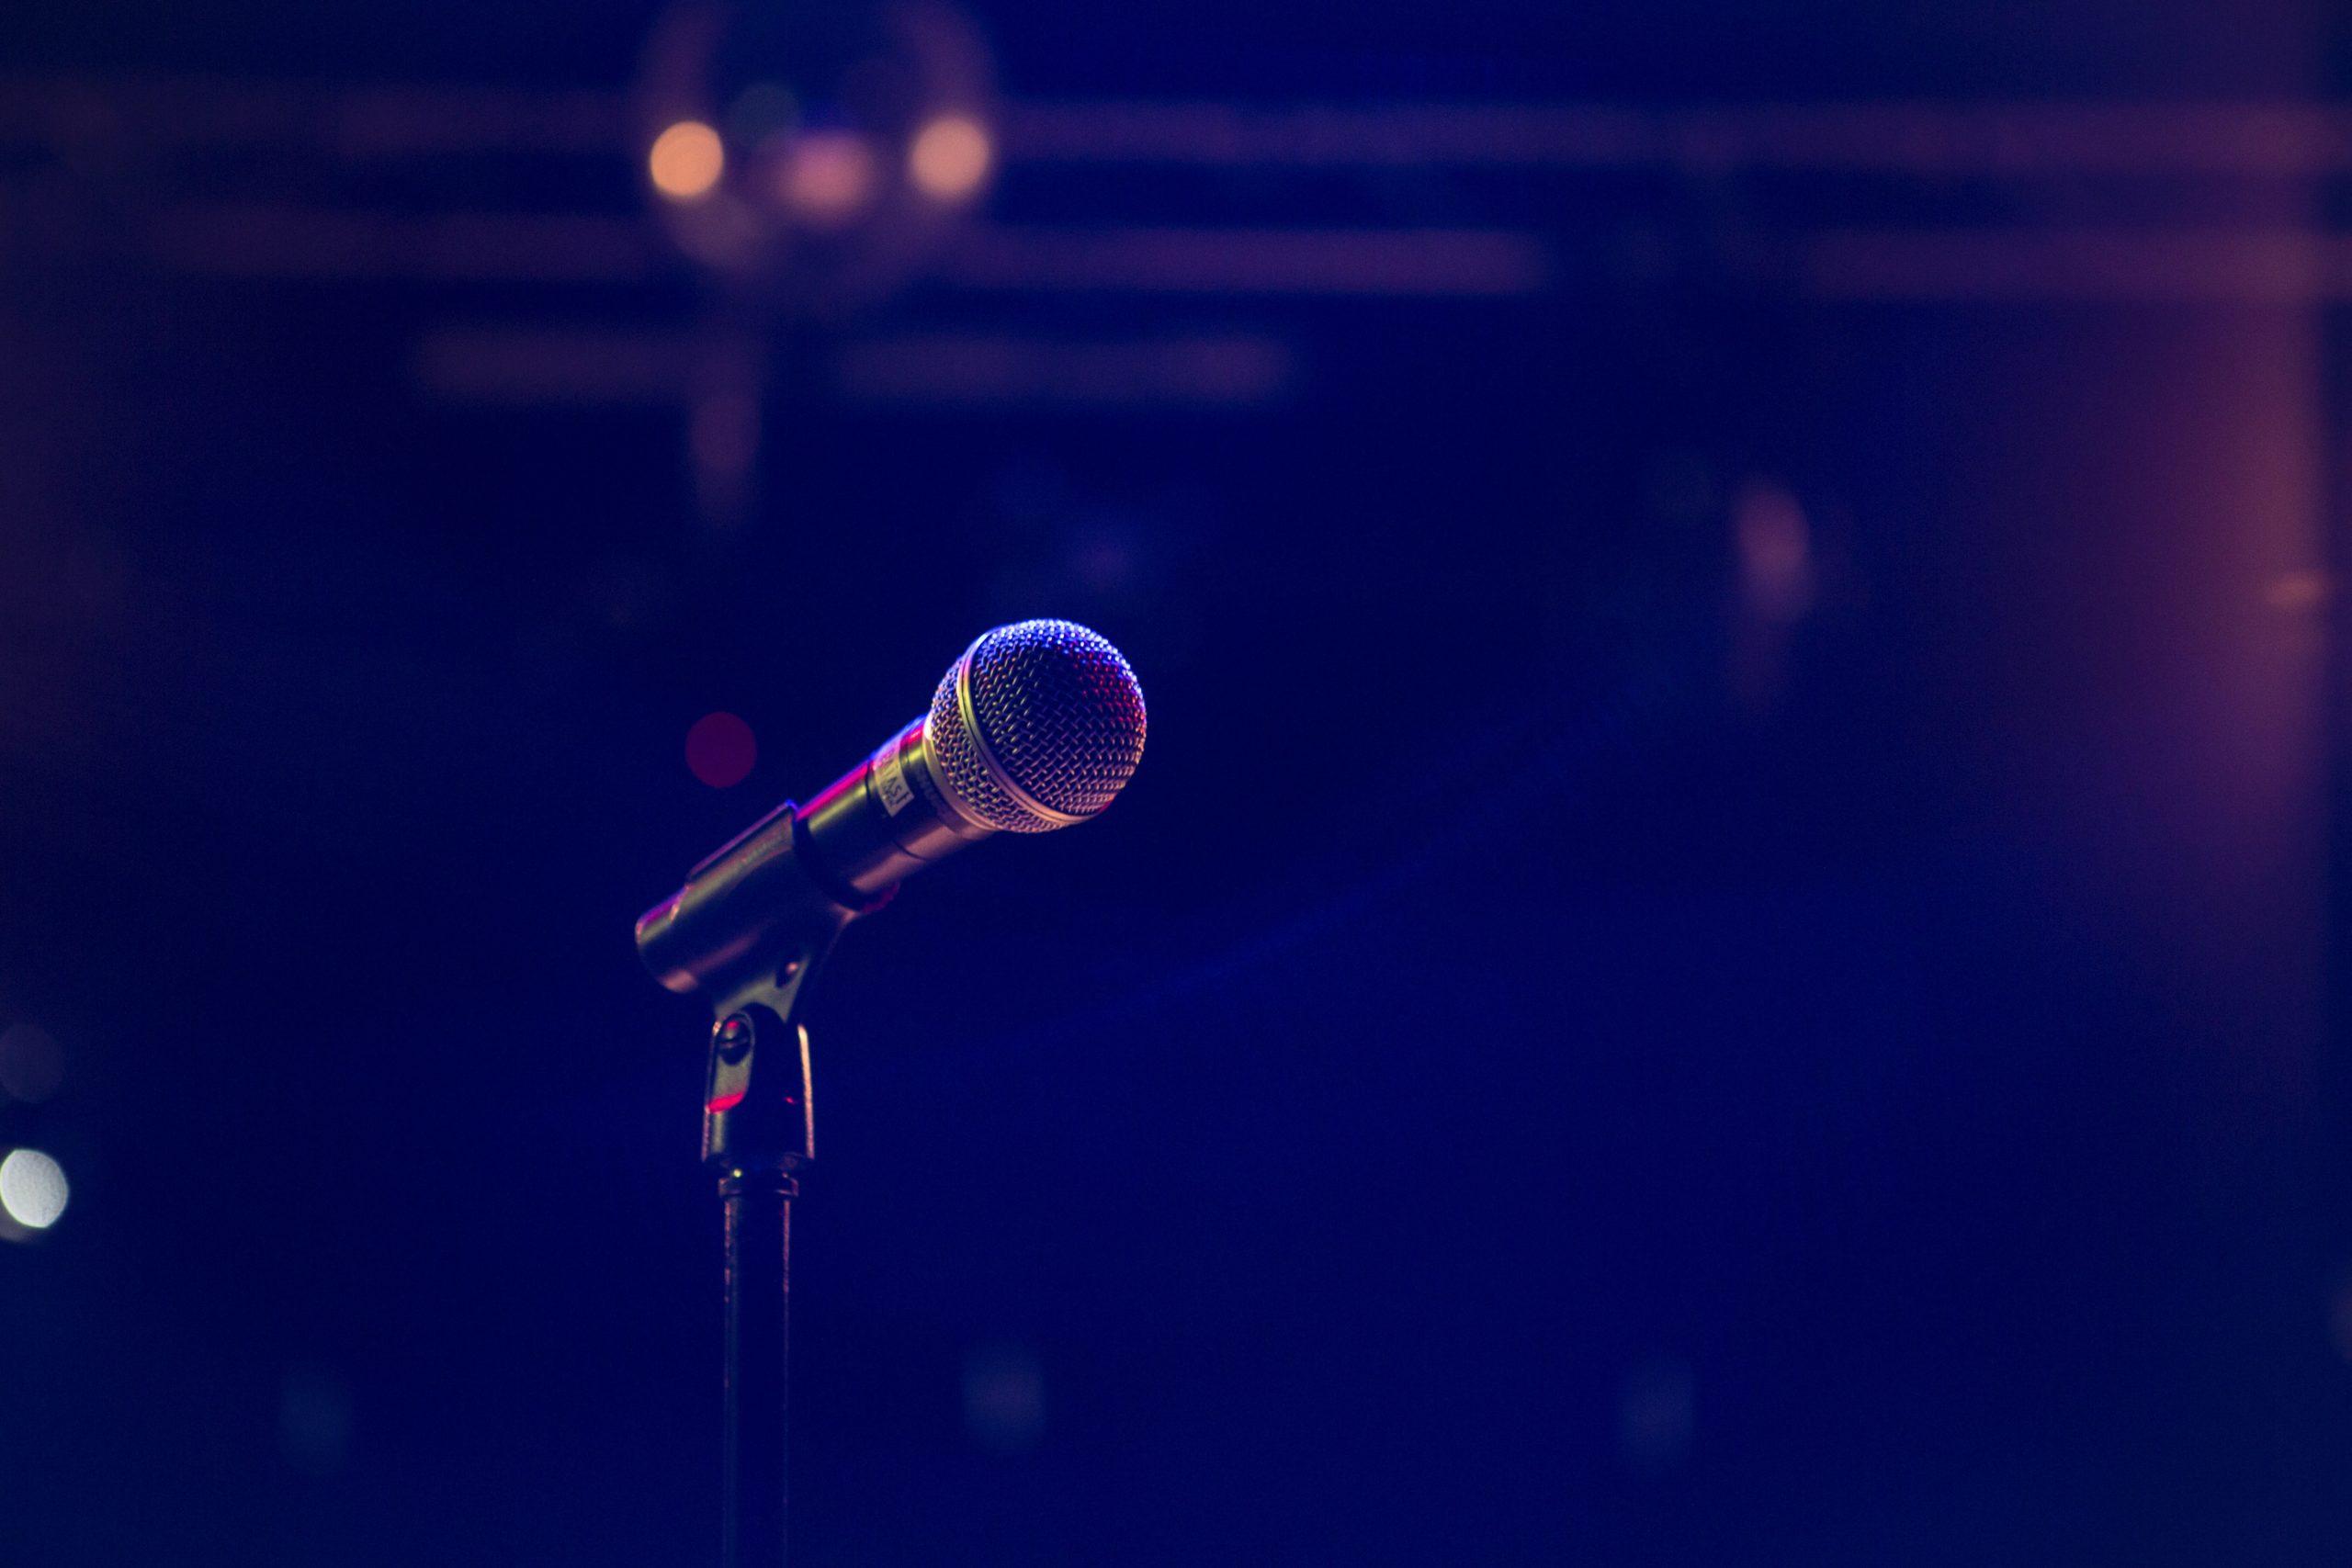 Microphone on a dark stage. - Lyssa-Fee Crump on You BetterWerk podcast/